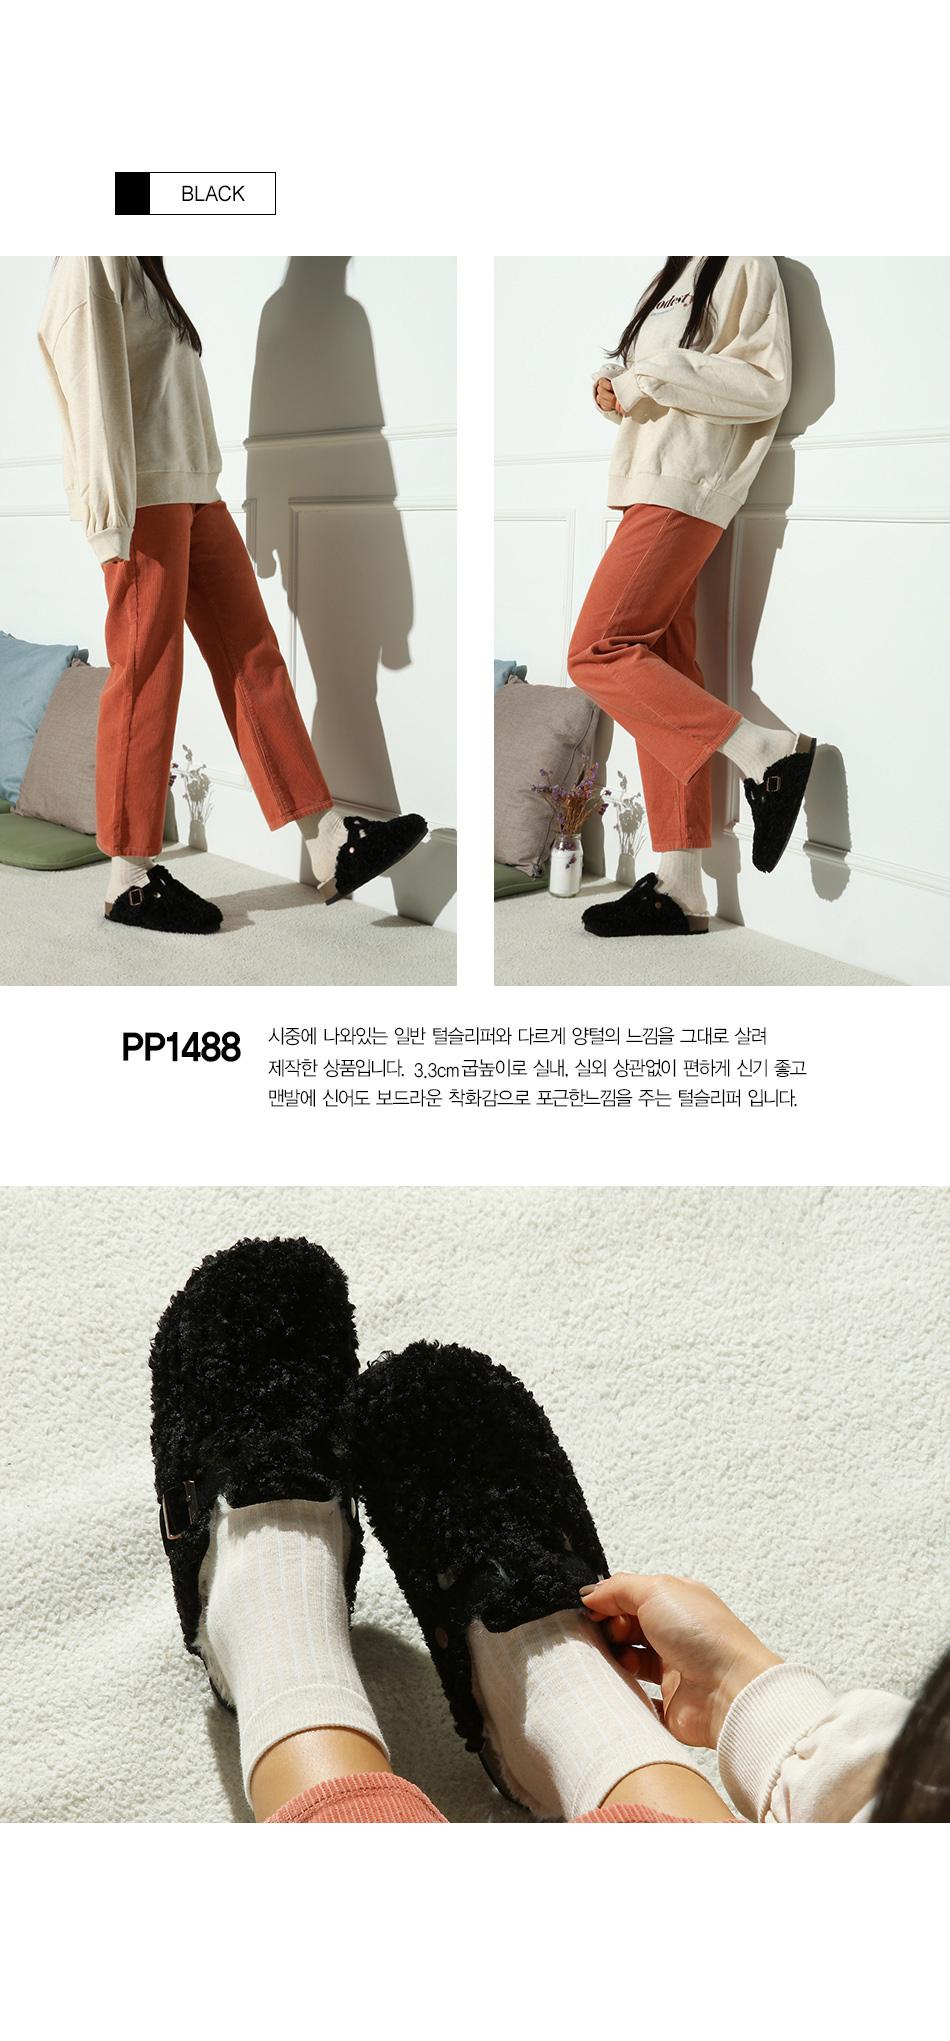 pp1488_bk.jpg